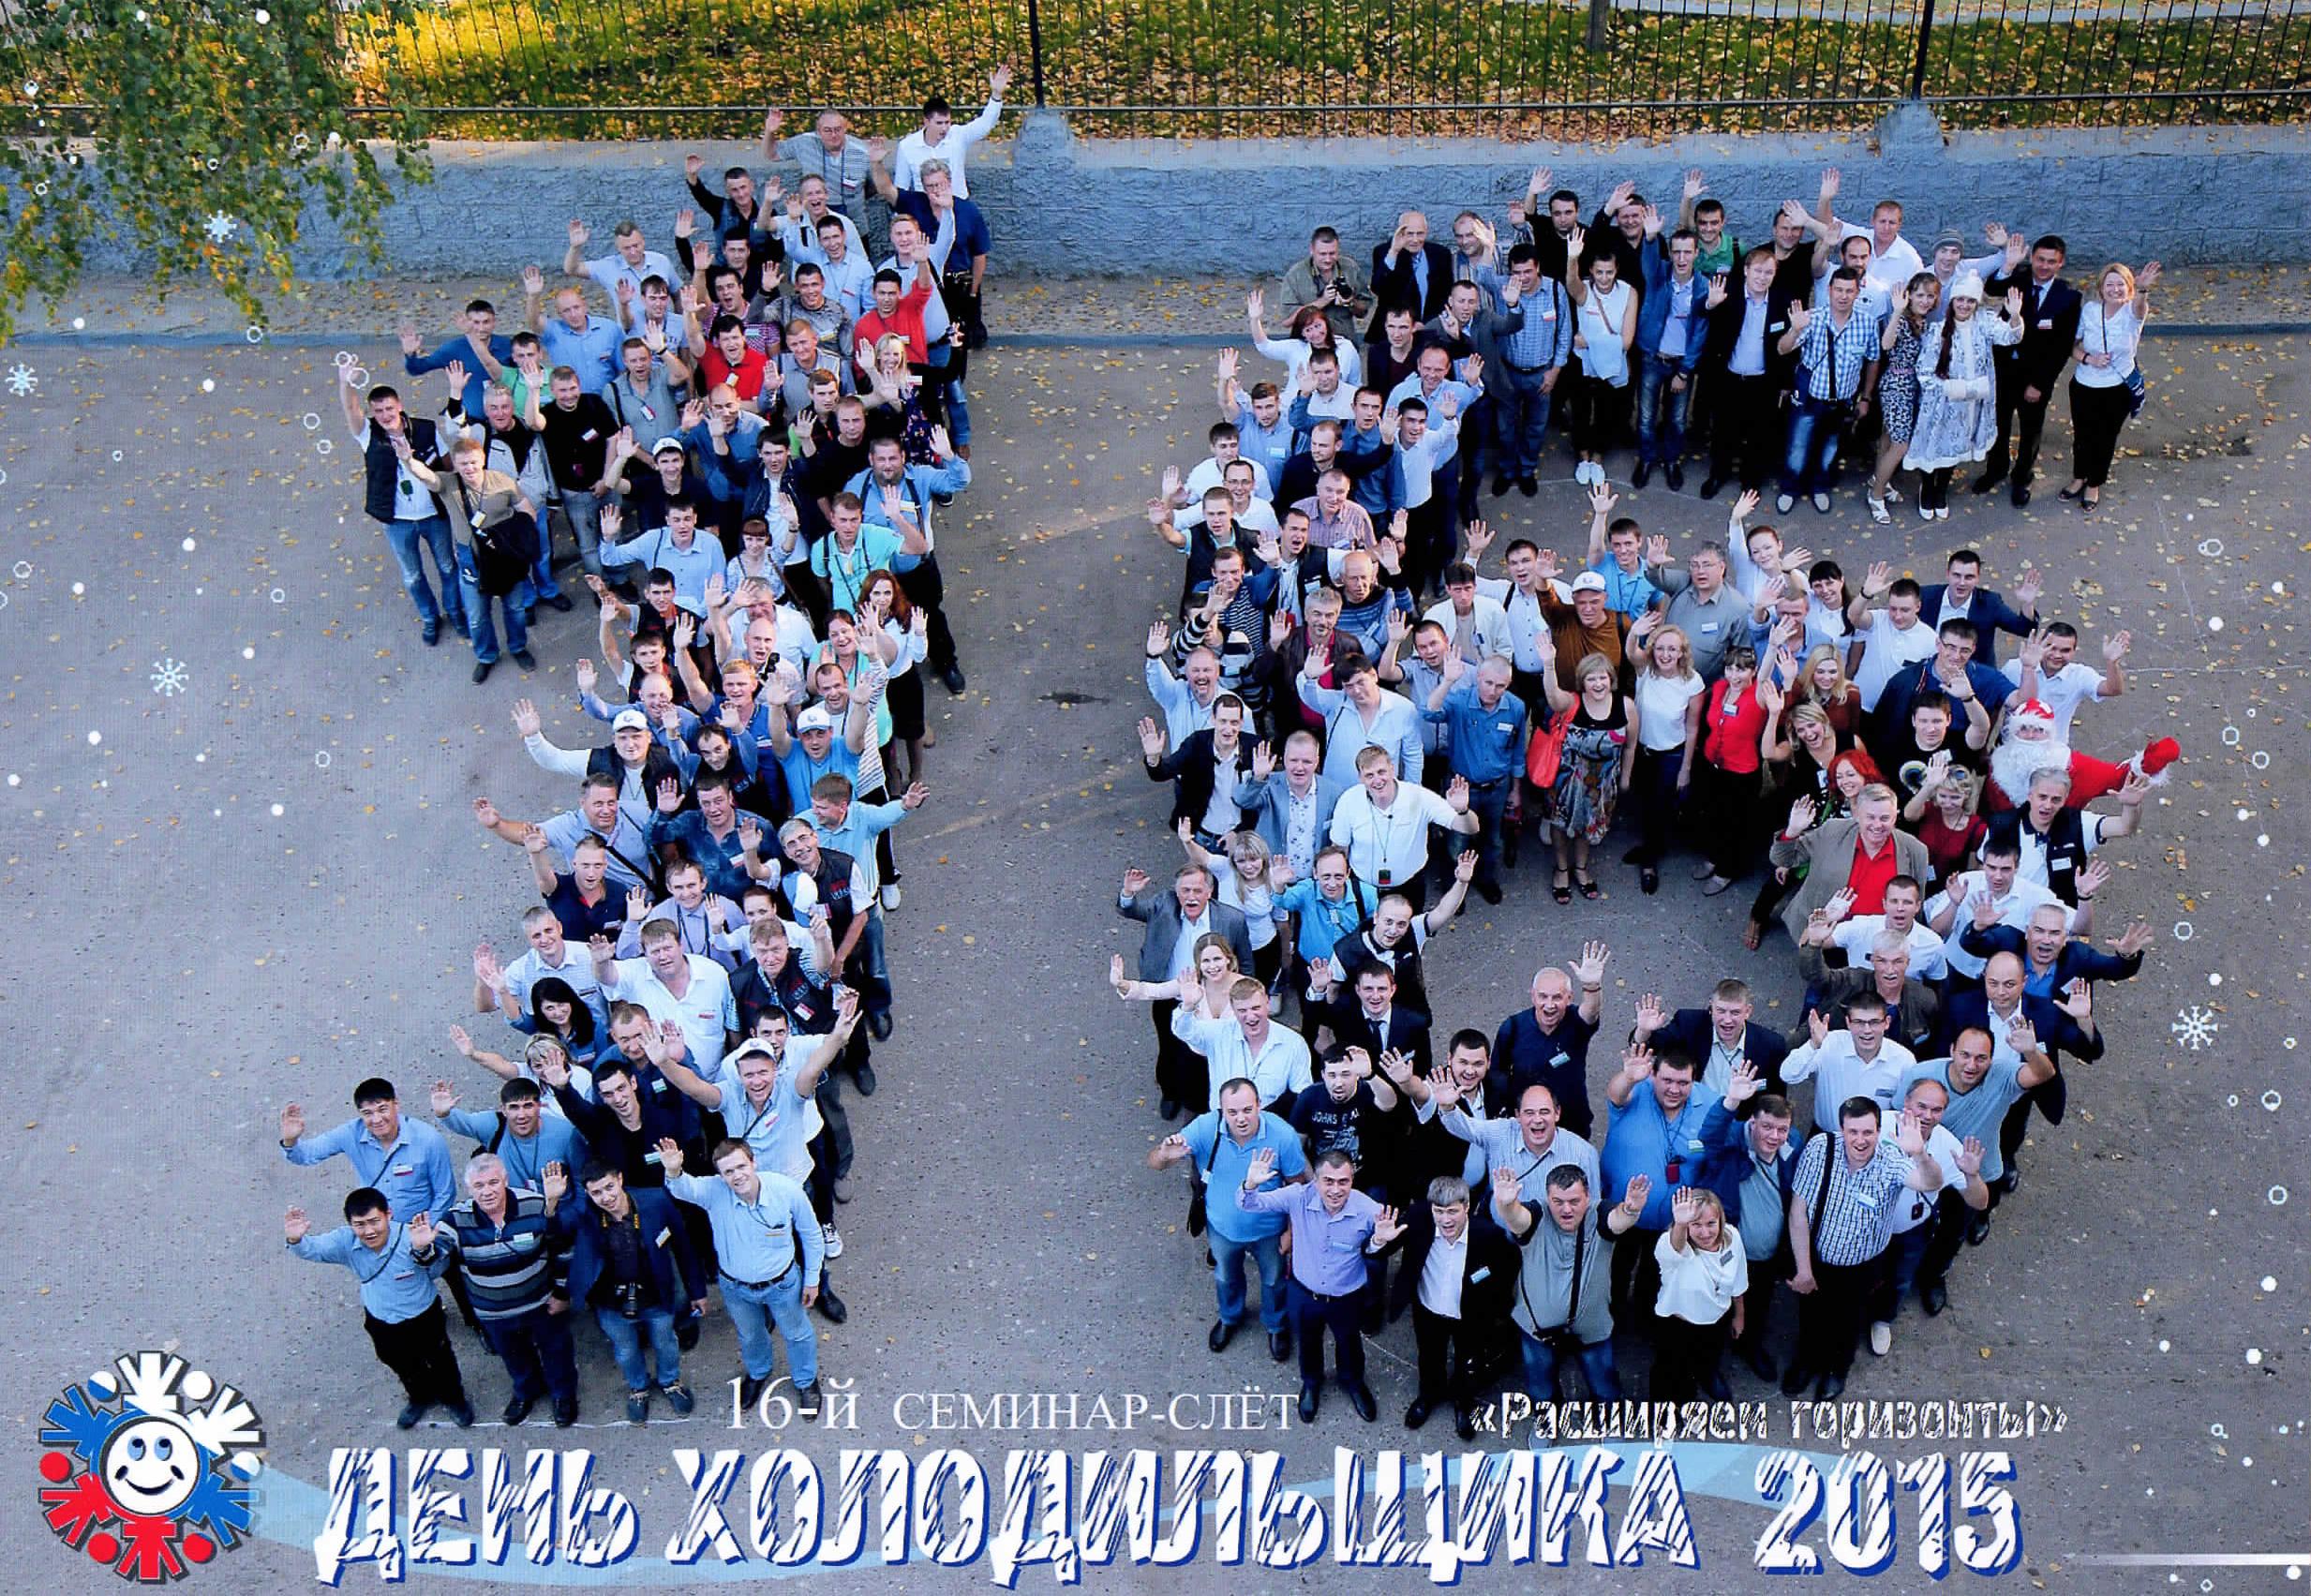 """Представители компании """"СоюзХолодУрал"""" приняли участие в традиционном празднике специалистов холодильной промышленности."""